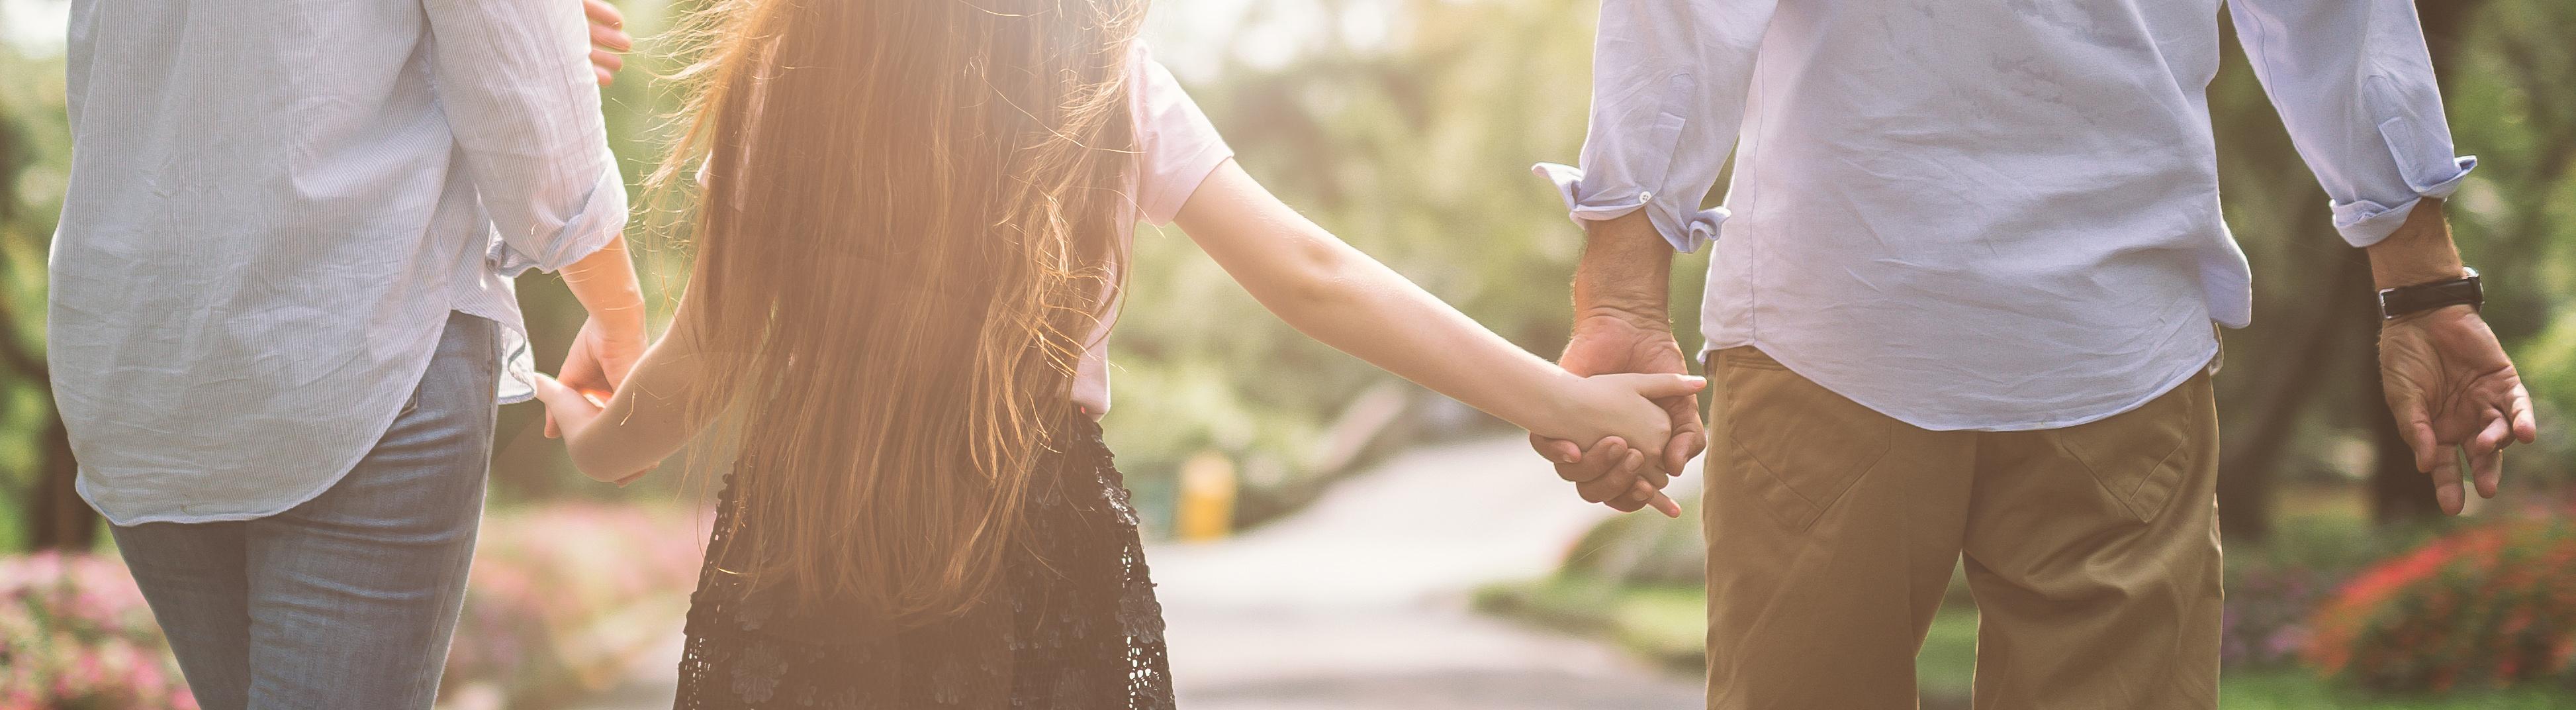 Eltern mit ihrem Kind